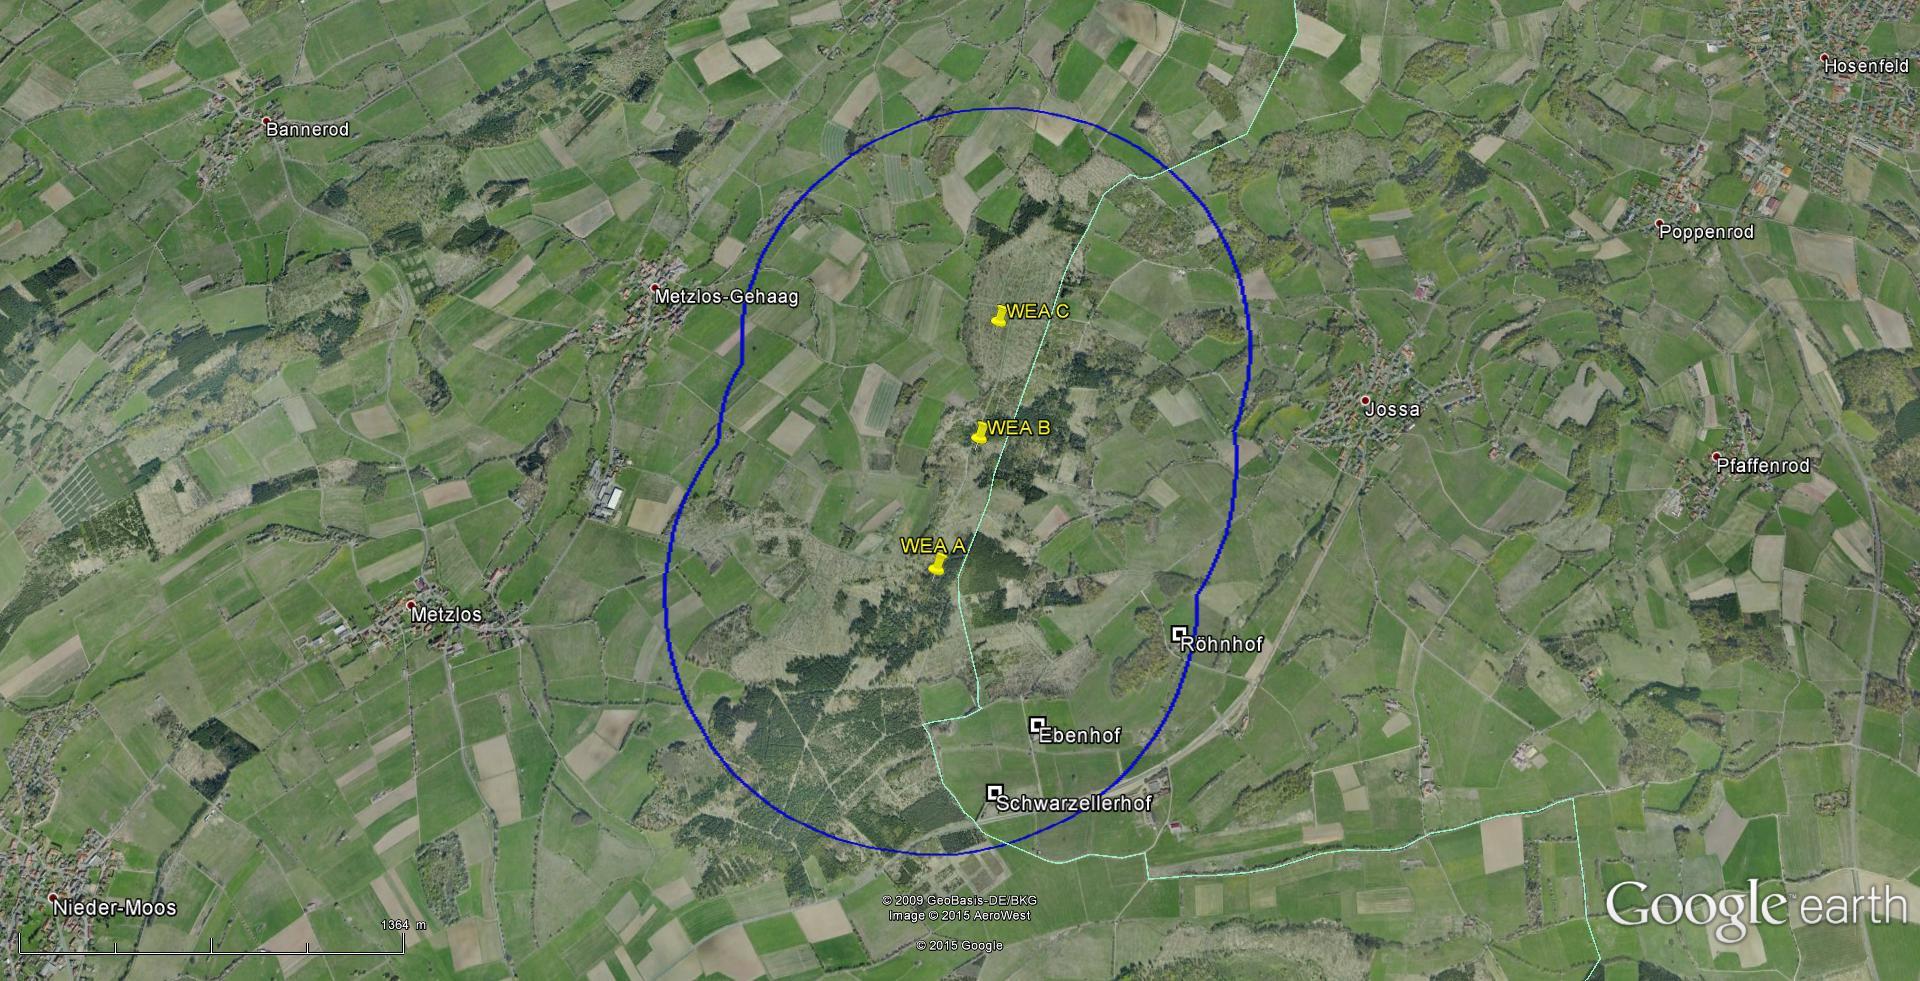 Vor ca. zwei Jahren wurden vom Betreiber hessenENERGIE avifaunistische Gutachten in Auftrag gegeben und Ende März 2015 wurde dieser Genehmigungsantrag von acht (8) auf drei (3) Anlagen reduziert. Inzwischen sind die Planungen wohl ganz vom Tisch. Werschbach, Metzlos-Gehaag (Grebenhain im Vogelsbergreis, RP Mittelhessen), Jossa (Hosenfeld, Kreis Fulda, RP Nordhessen)